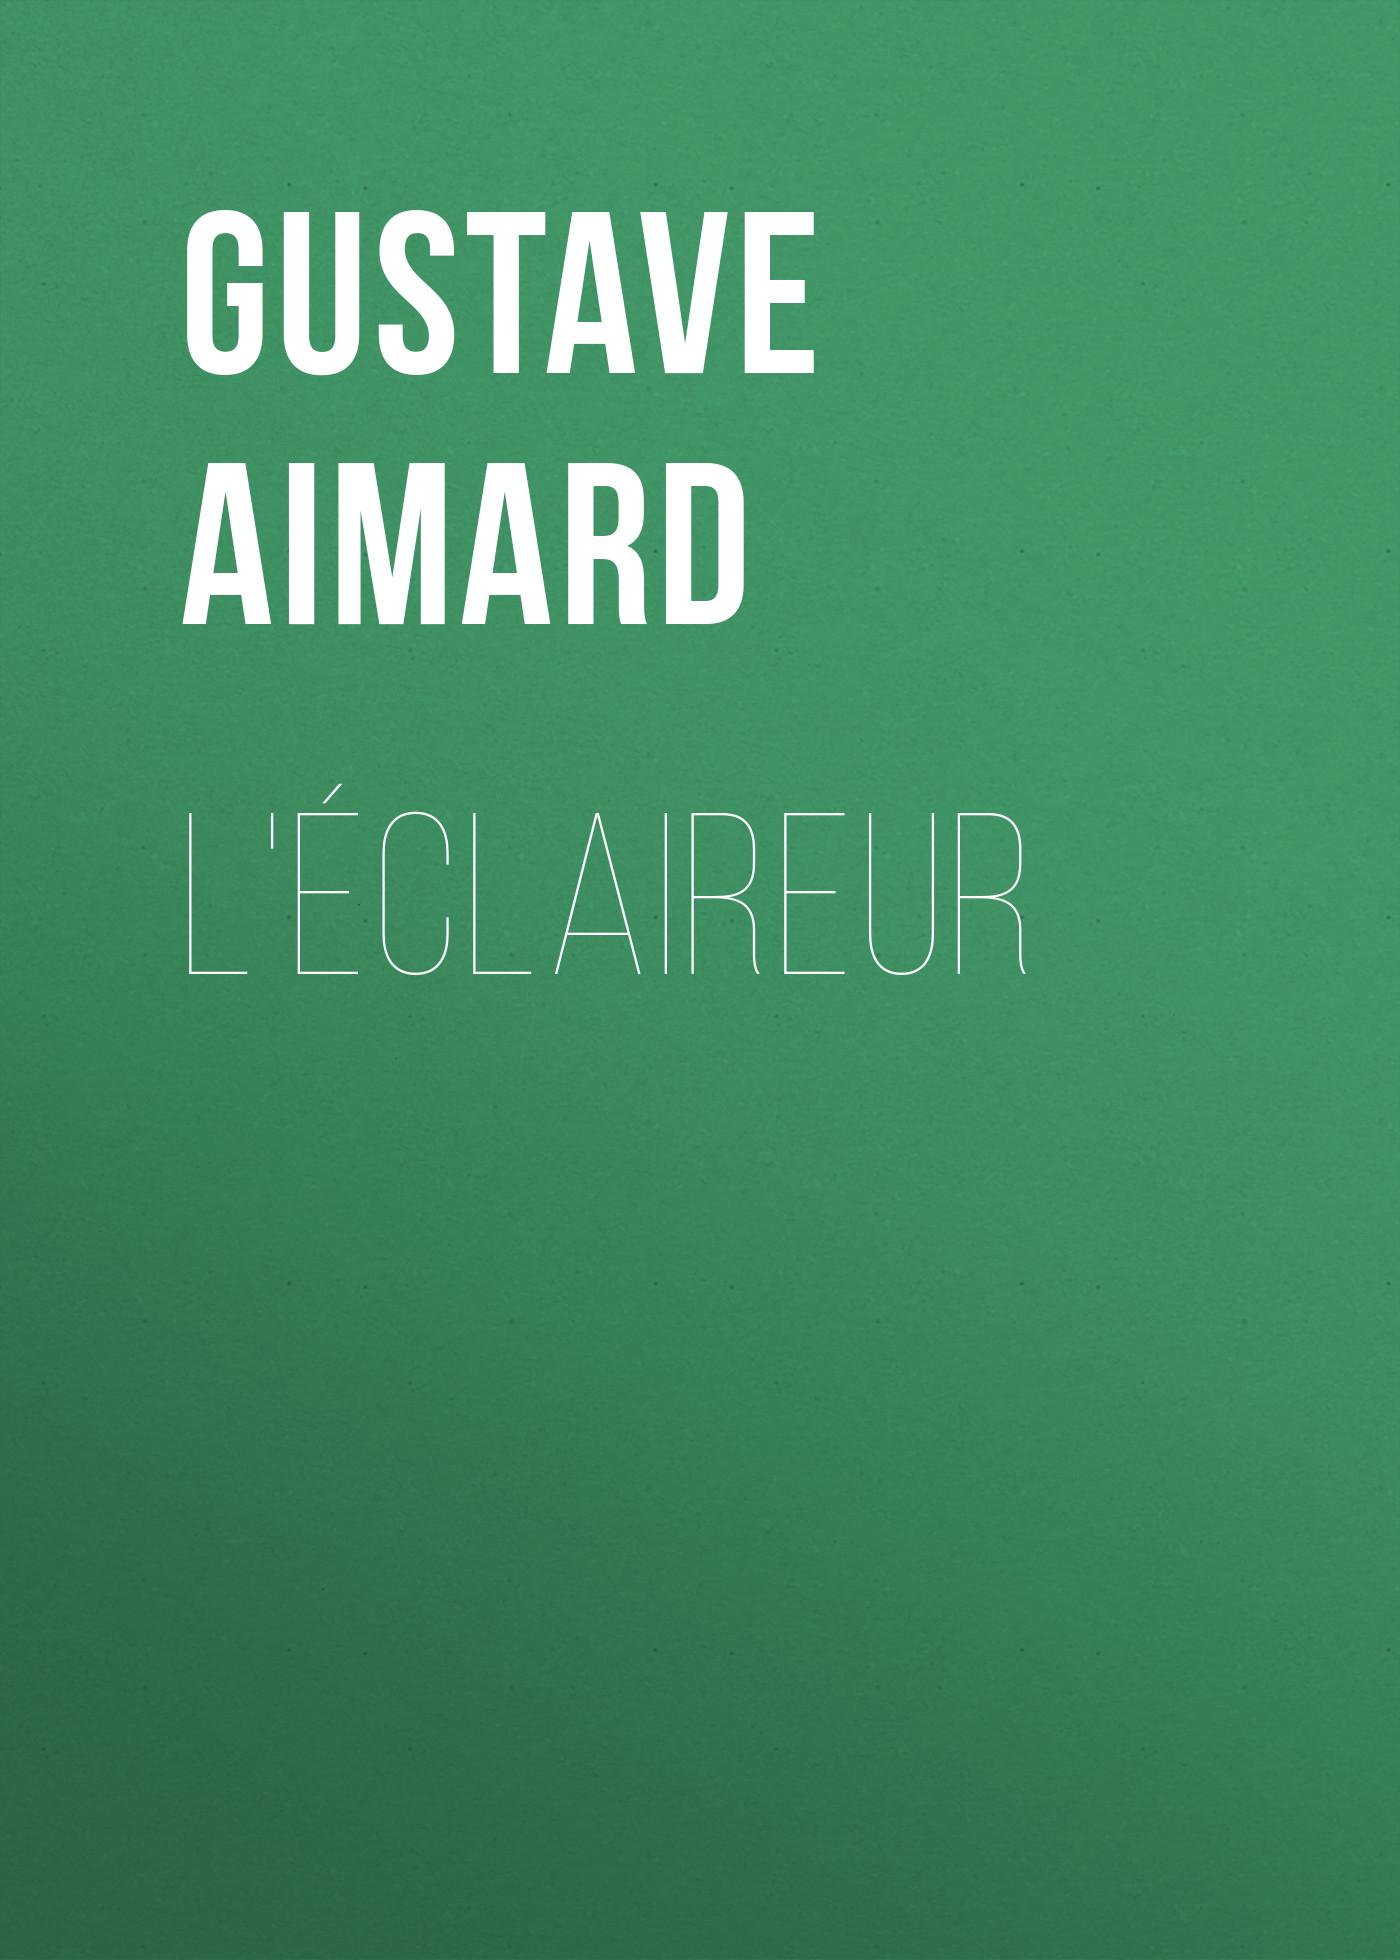 Gustave Aimard L'éclaireur